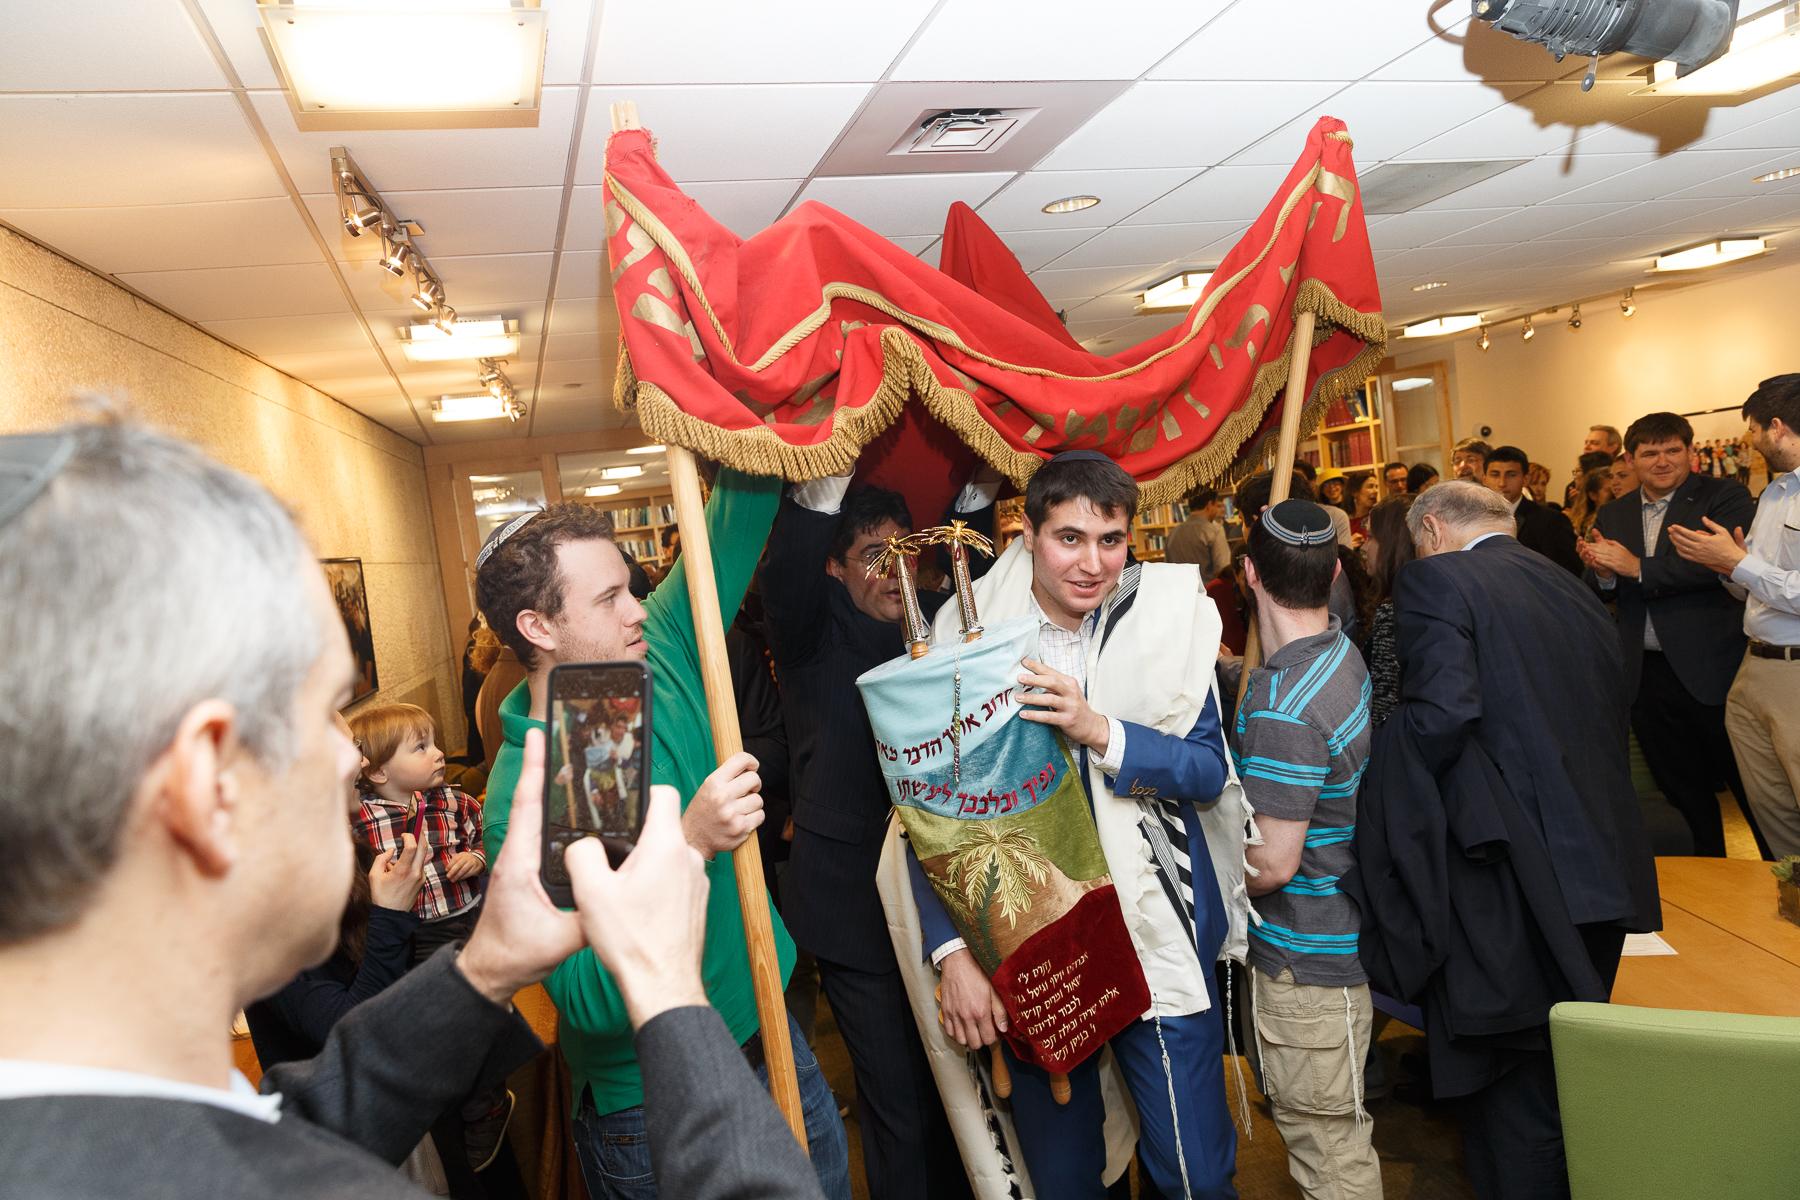 New Torah Ceremony_  Jonathan Heisler  _ _422017 _ 416.jpg